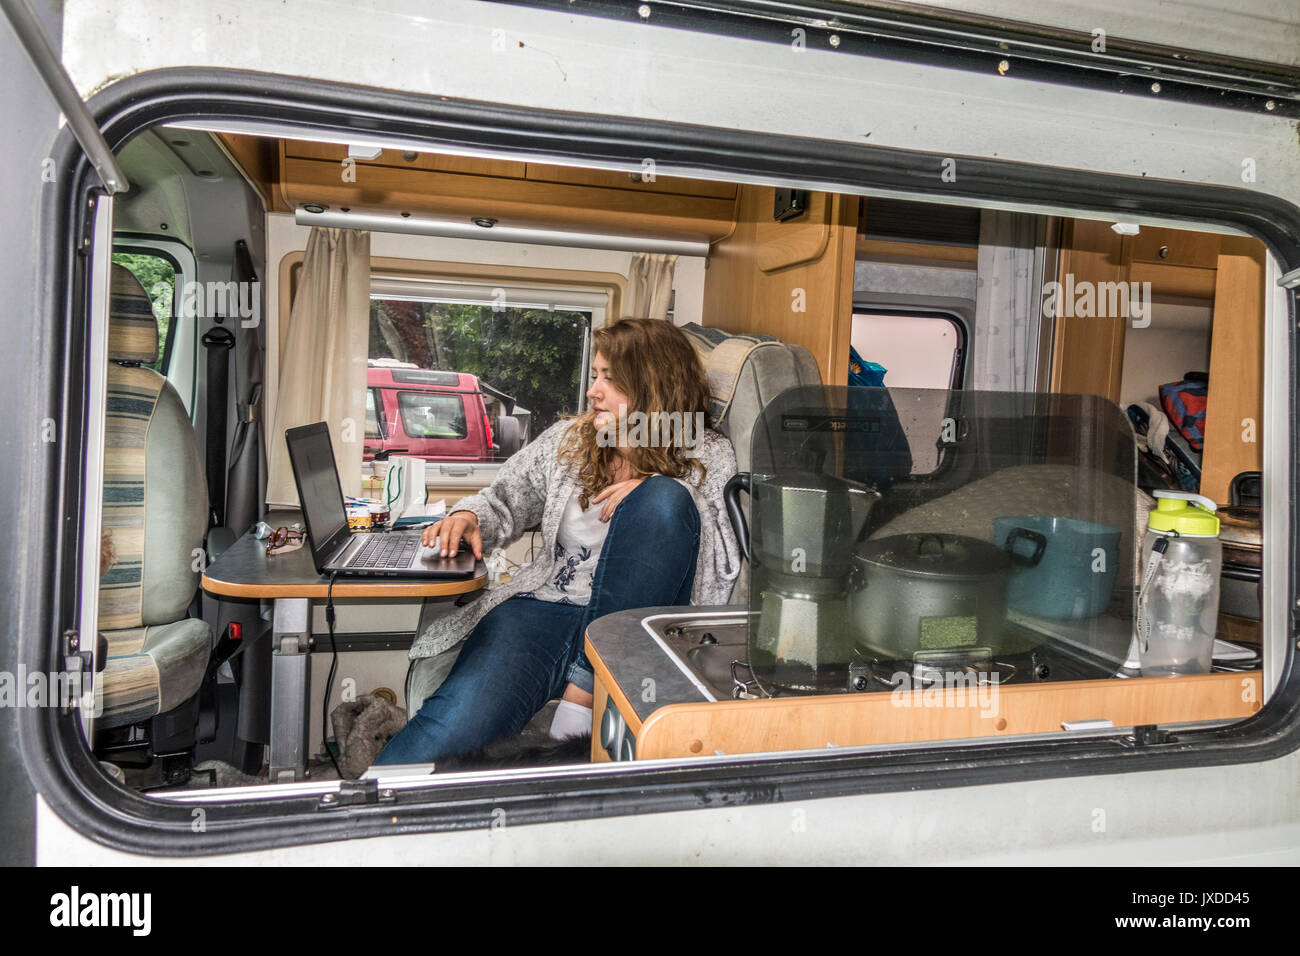 Une jolie jeune femme dans un camping-car sur un camping, assise à son ordinateur portable. B-3660, Devon, Angleterre, Royaume-Uni. Photo Stock